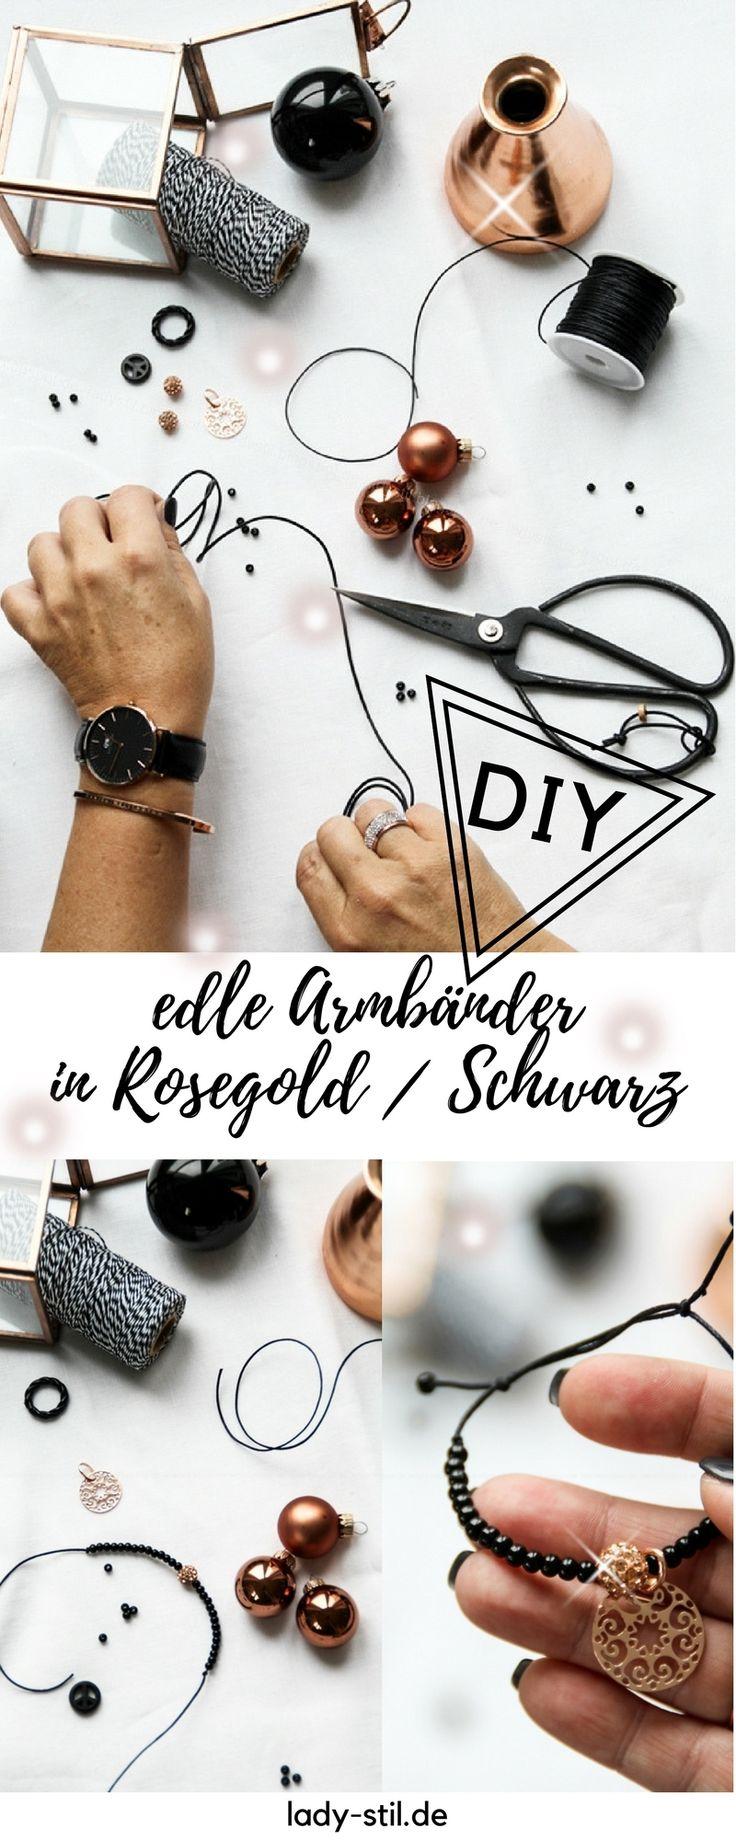 Lastminute Christmas-Tipp und DIY Armbänder Rosegold Schwarz – Lady Stil  –  Interior Blogger DIY Wohnen Deko